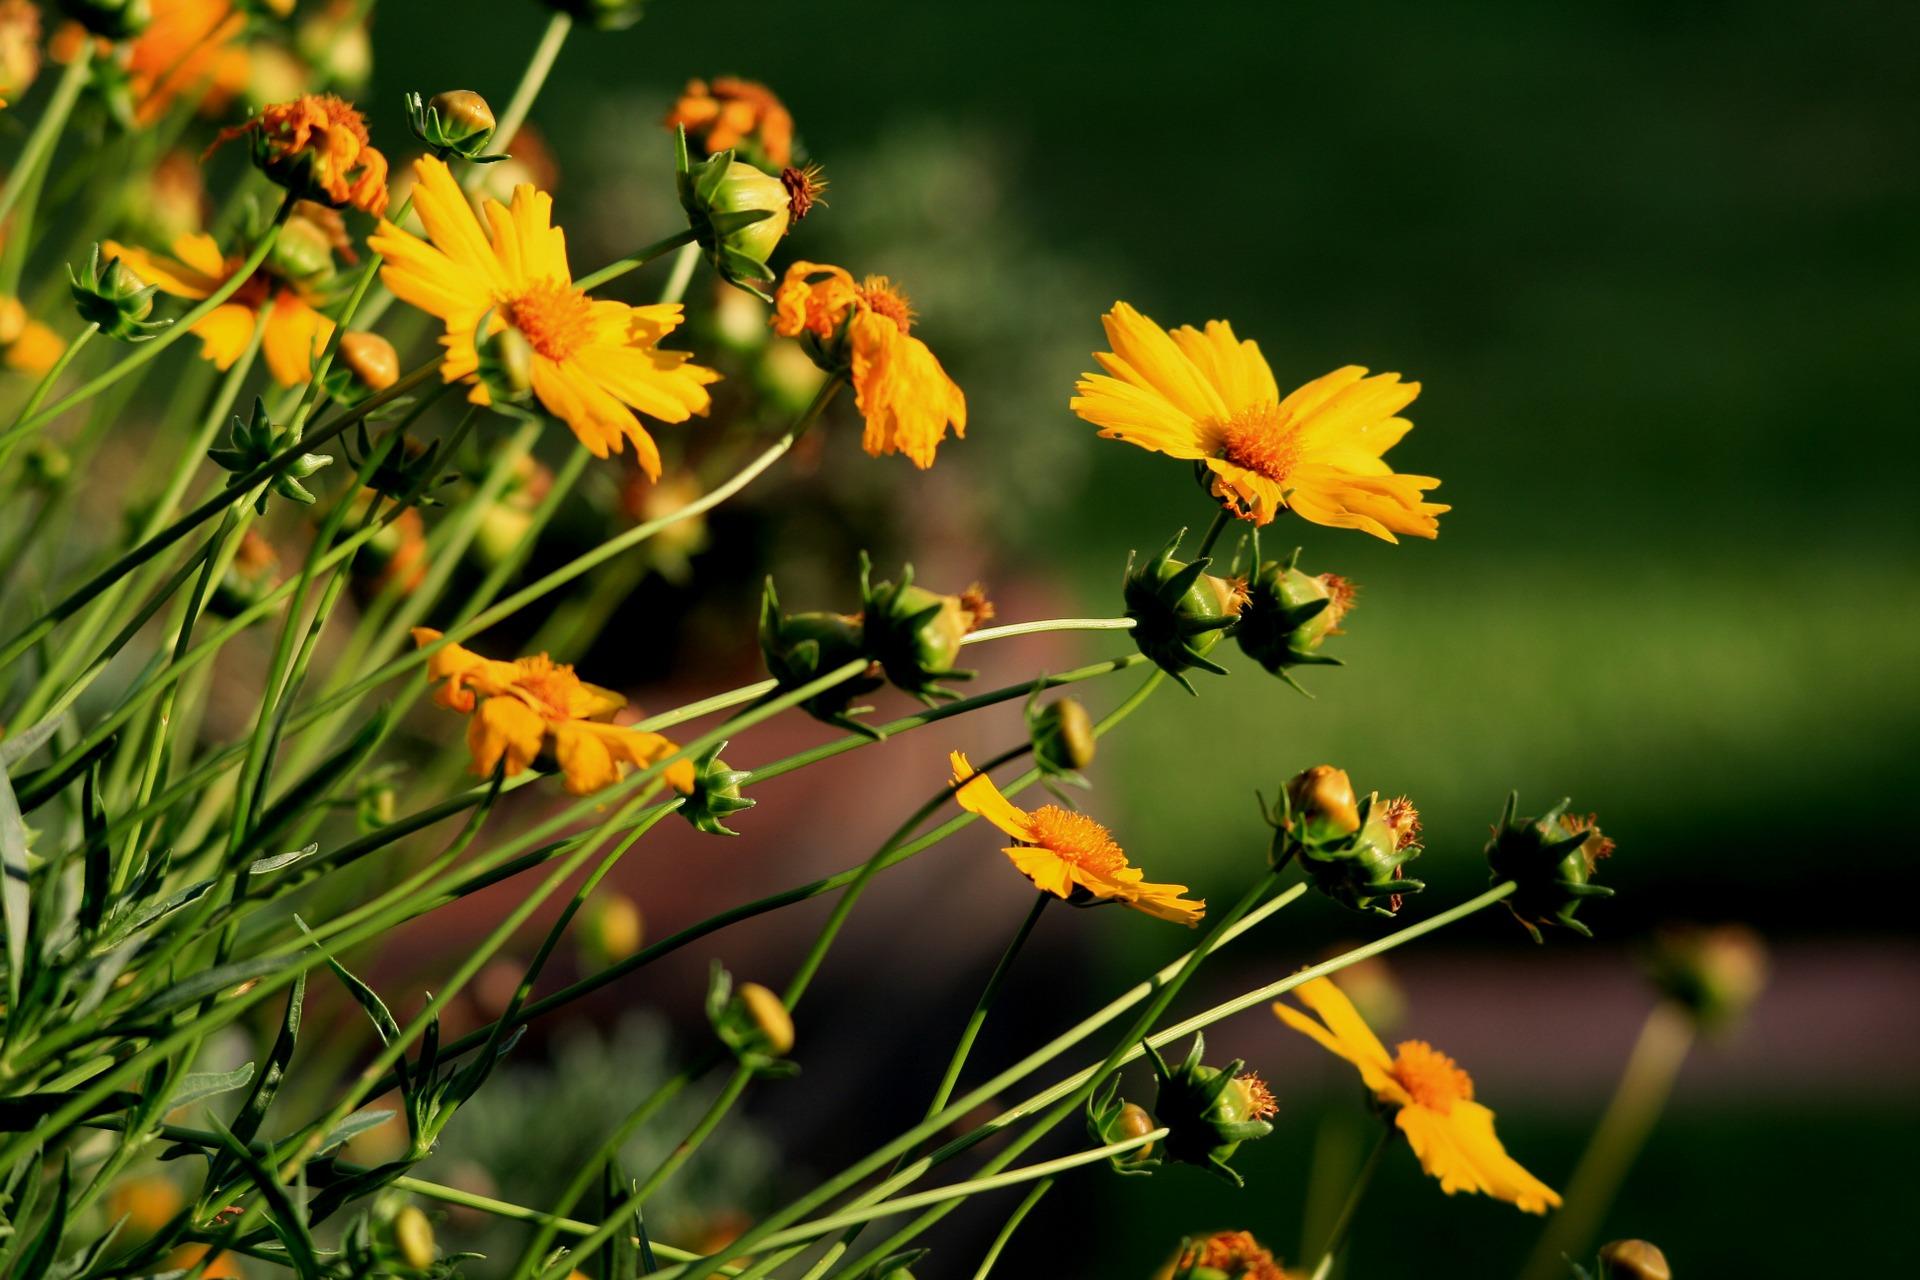 Comment rendre un jardin en longueur attrayant ?